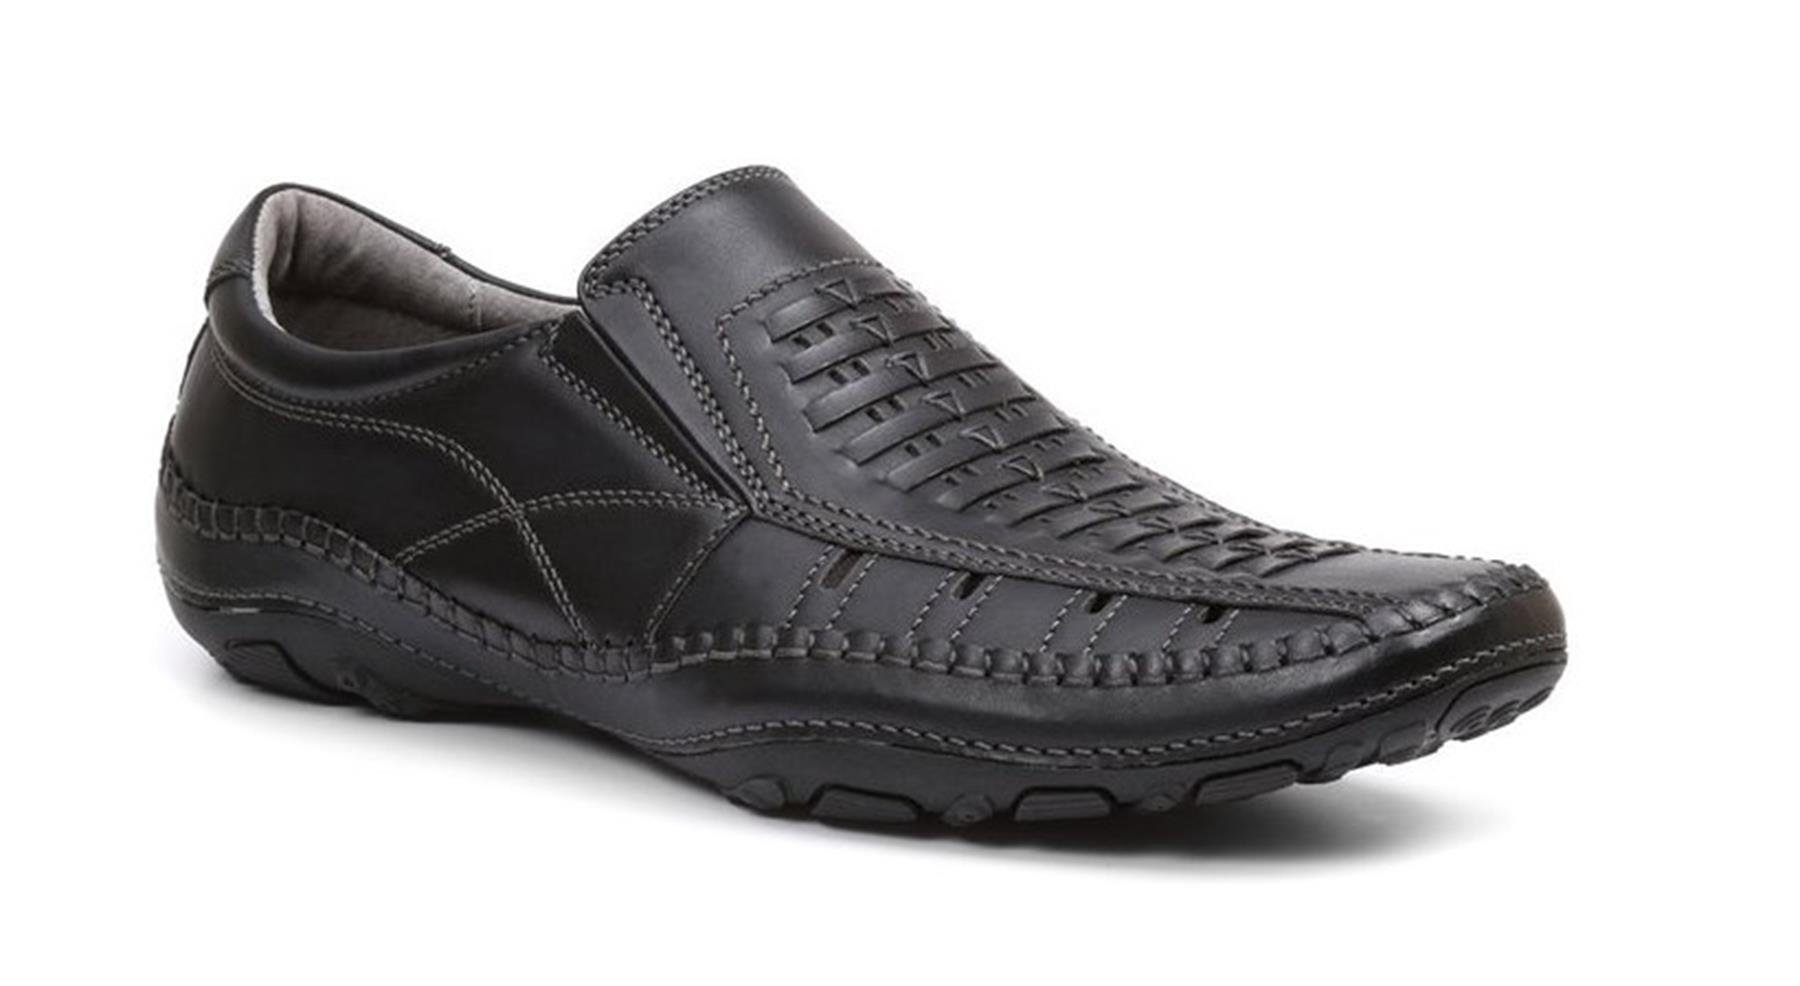 GBX Men Strite Slip On Loafers by Harbor Footwear